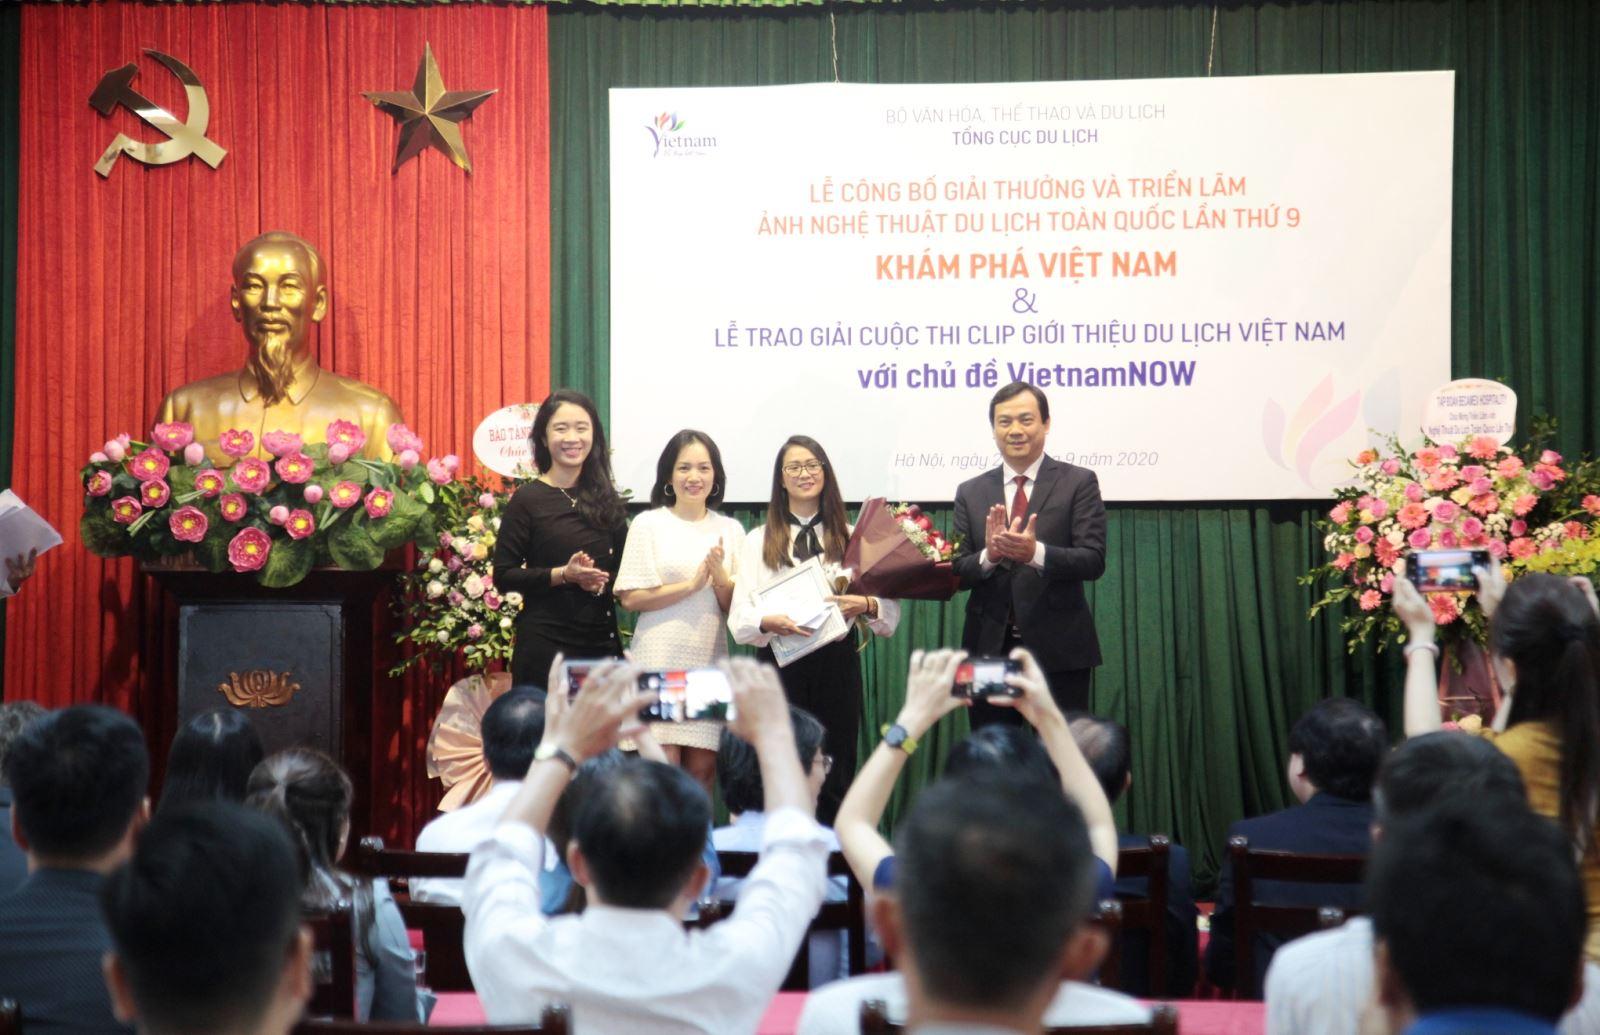 Trao giải cuộc thi ảnh nghệ thuật và clip quảng bá du lịch Việt Nam